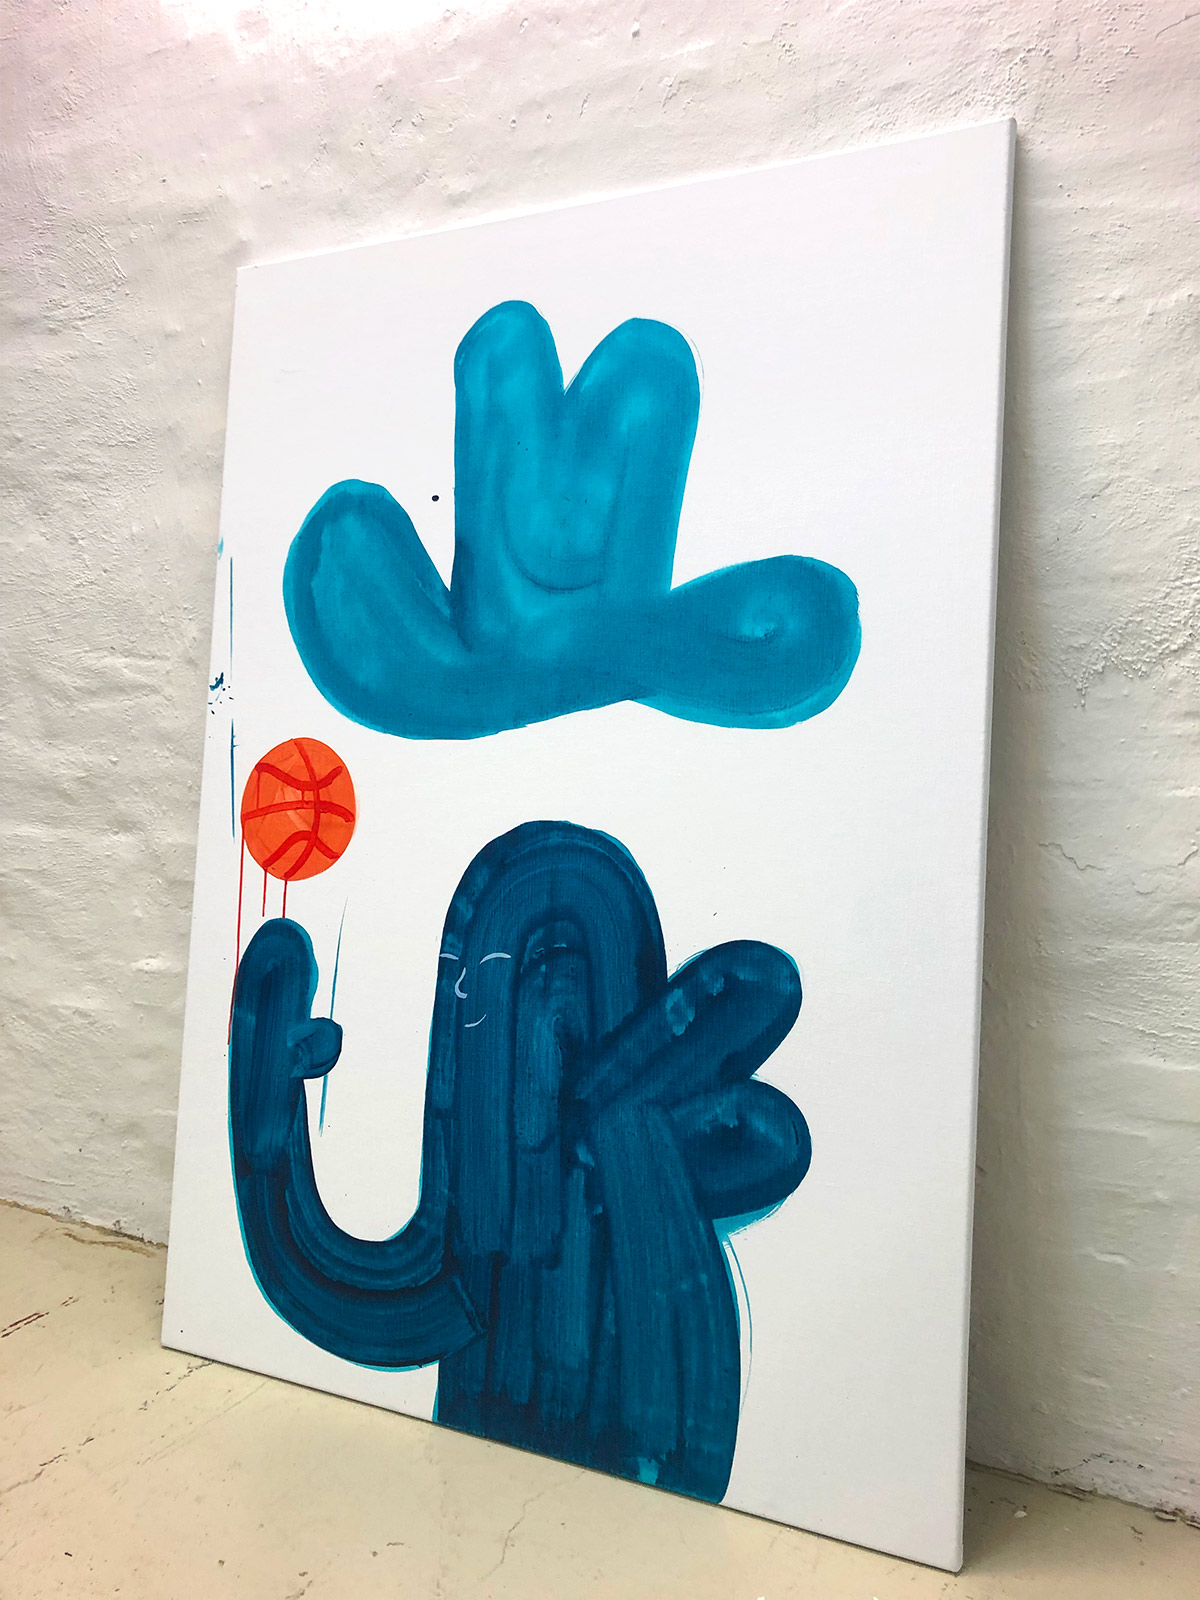 malerier, børnevenlige, grafiske, illustrative, minimalistiske, pop, kroppe, mennesker, sport, blå, orange, turkise, hvide, akryl, hørlærred, abstrakte-former, sjove, samtidskunst, københavn, dansk, dekorative, design, hatte, interiør, bolig-indretning, moderne, moderne-kunst, nordisk, pop-art, skandinavisk, street-art, Køb original kunst og kunstplakater. Malerier, tegninger, limited edition kunsttryk & plakater af dygtige kunstnere.